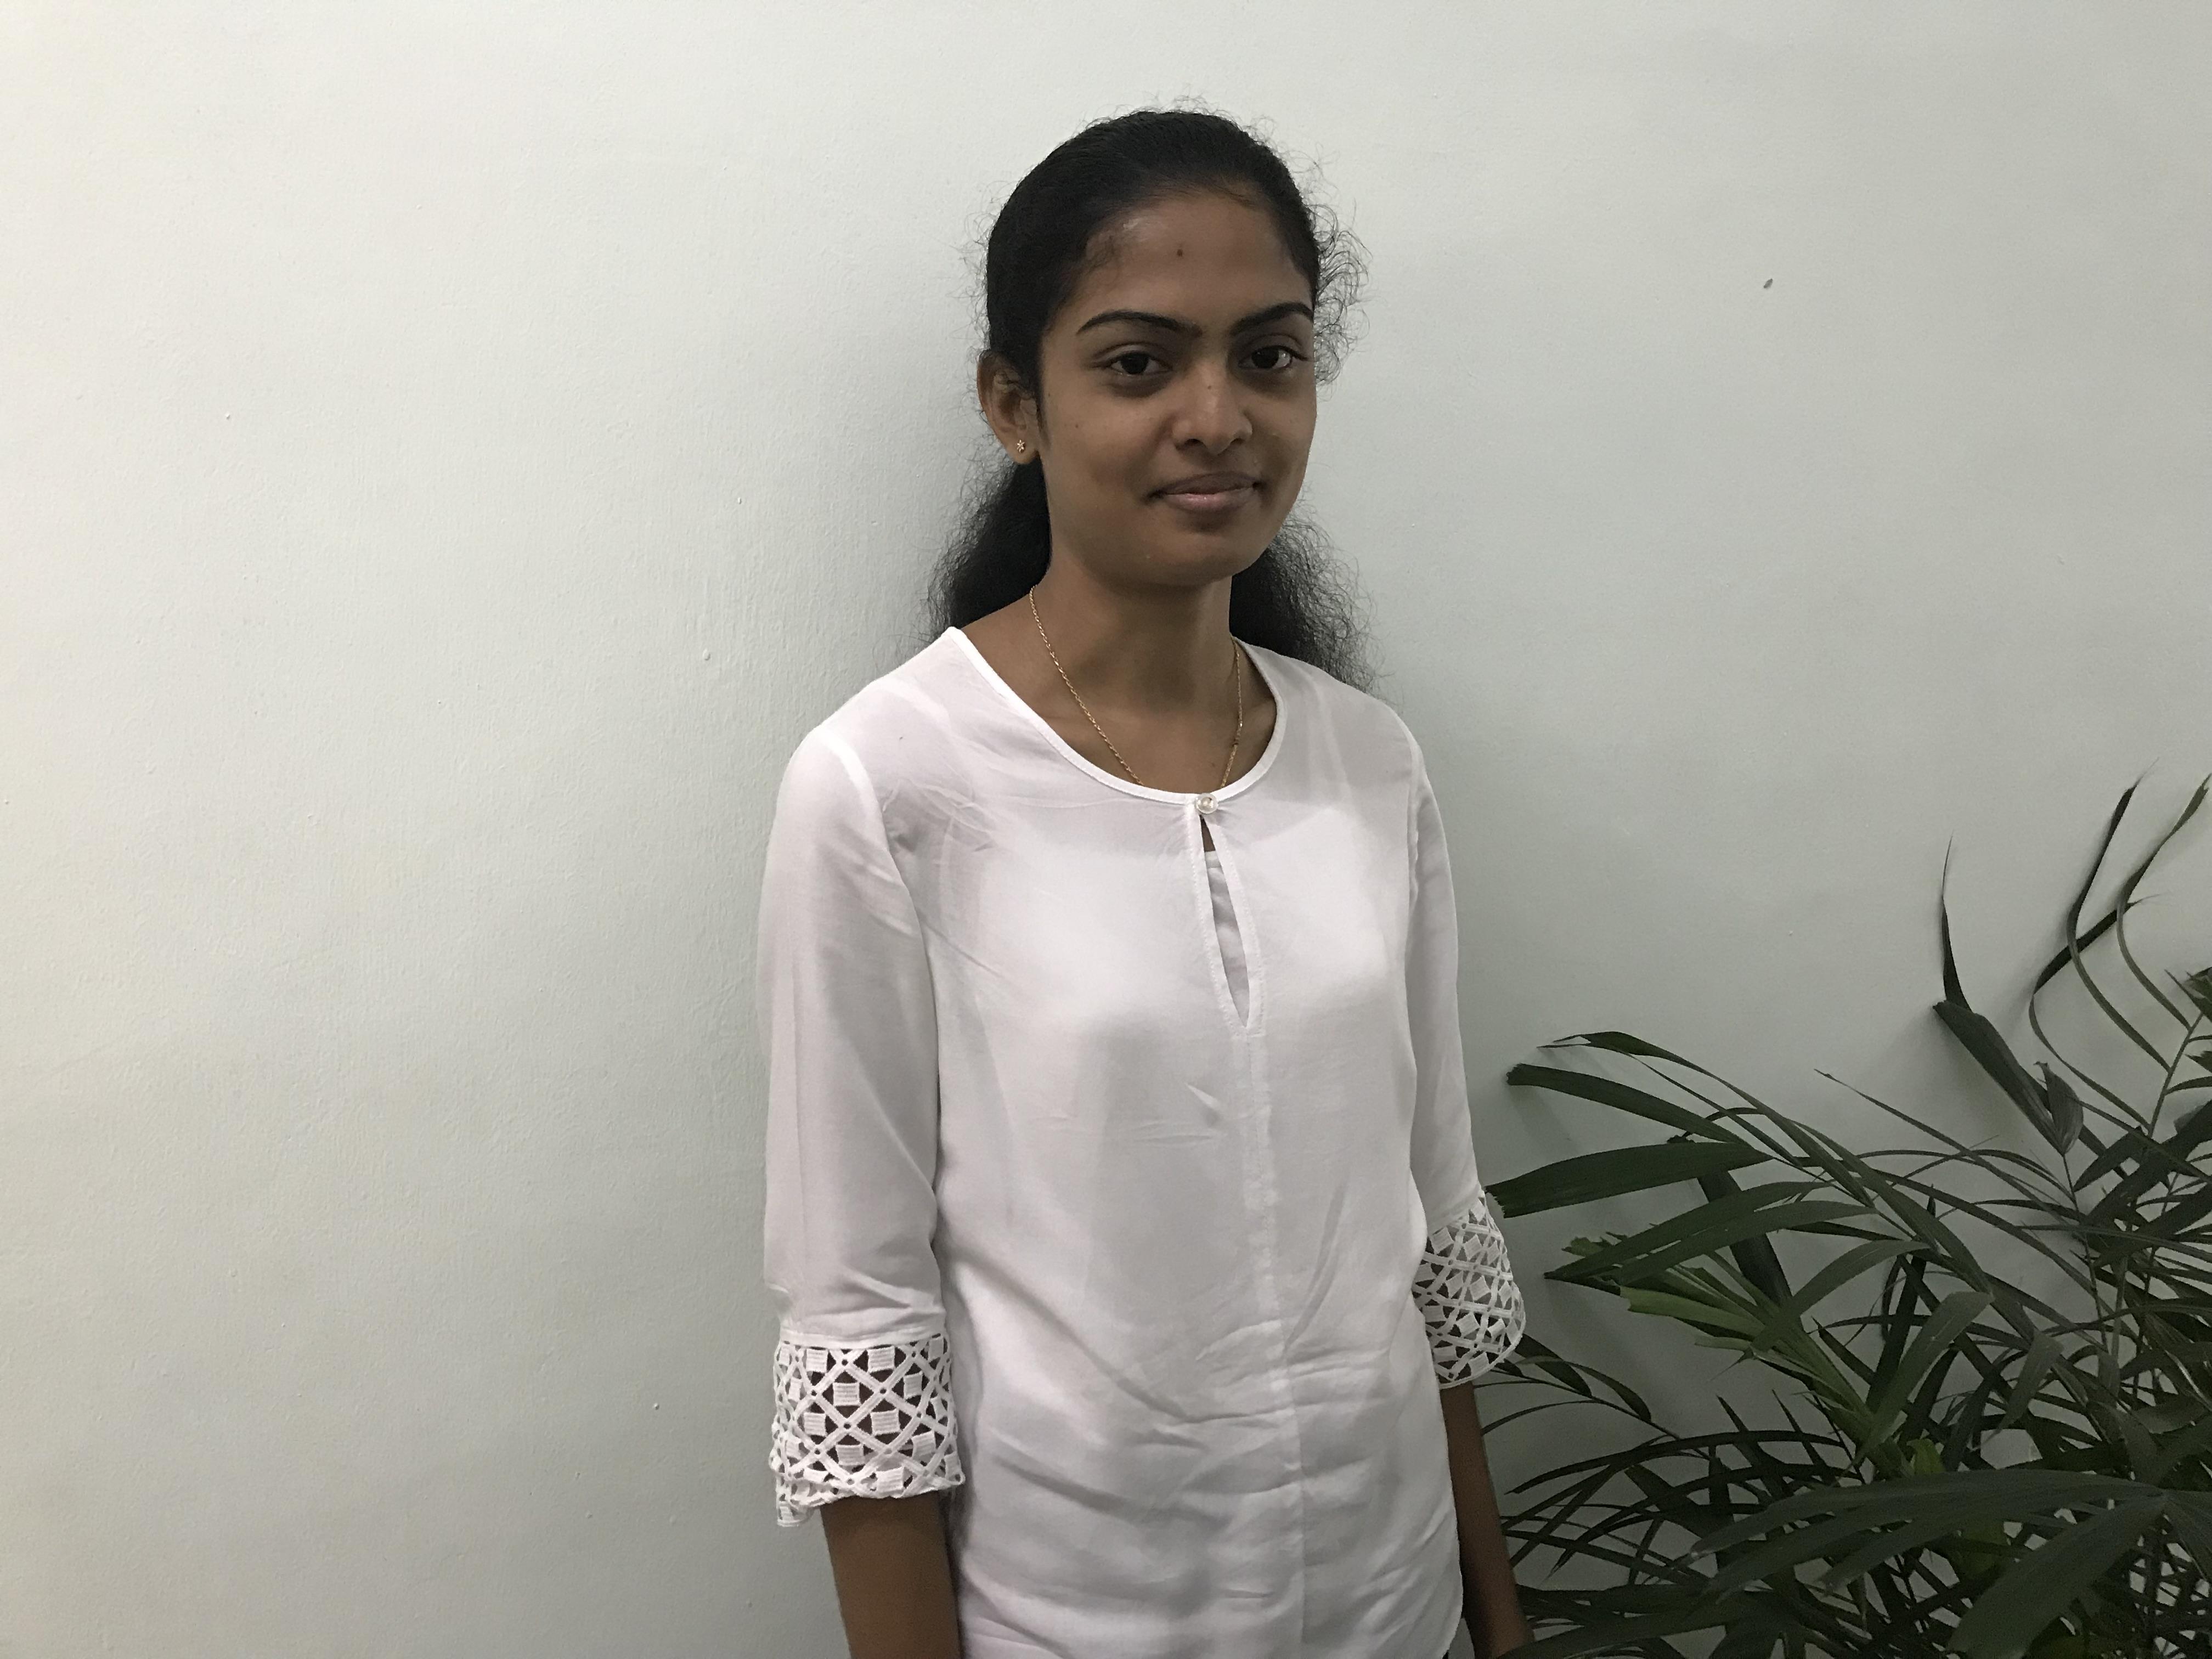 Ms.Umasha Sudusinghe